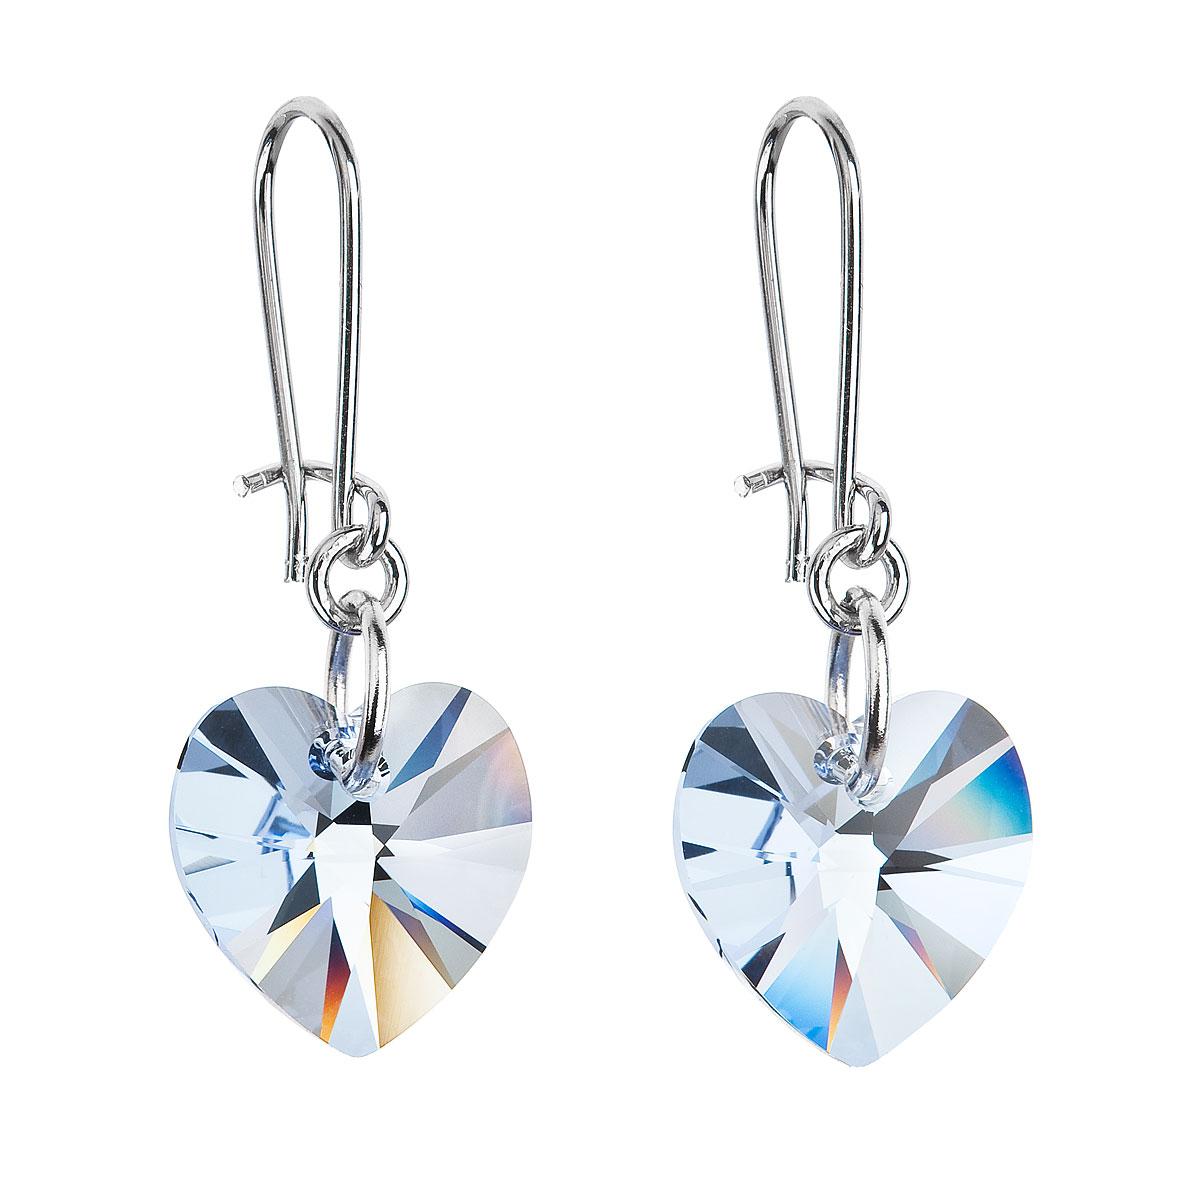 Náušnice se Swarovski krystaly modrá srdce 56001.3 aqua